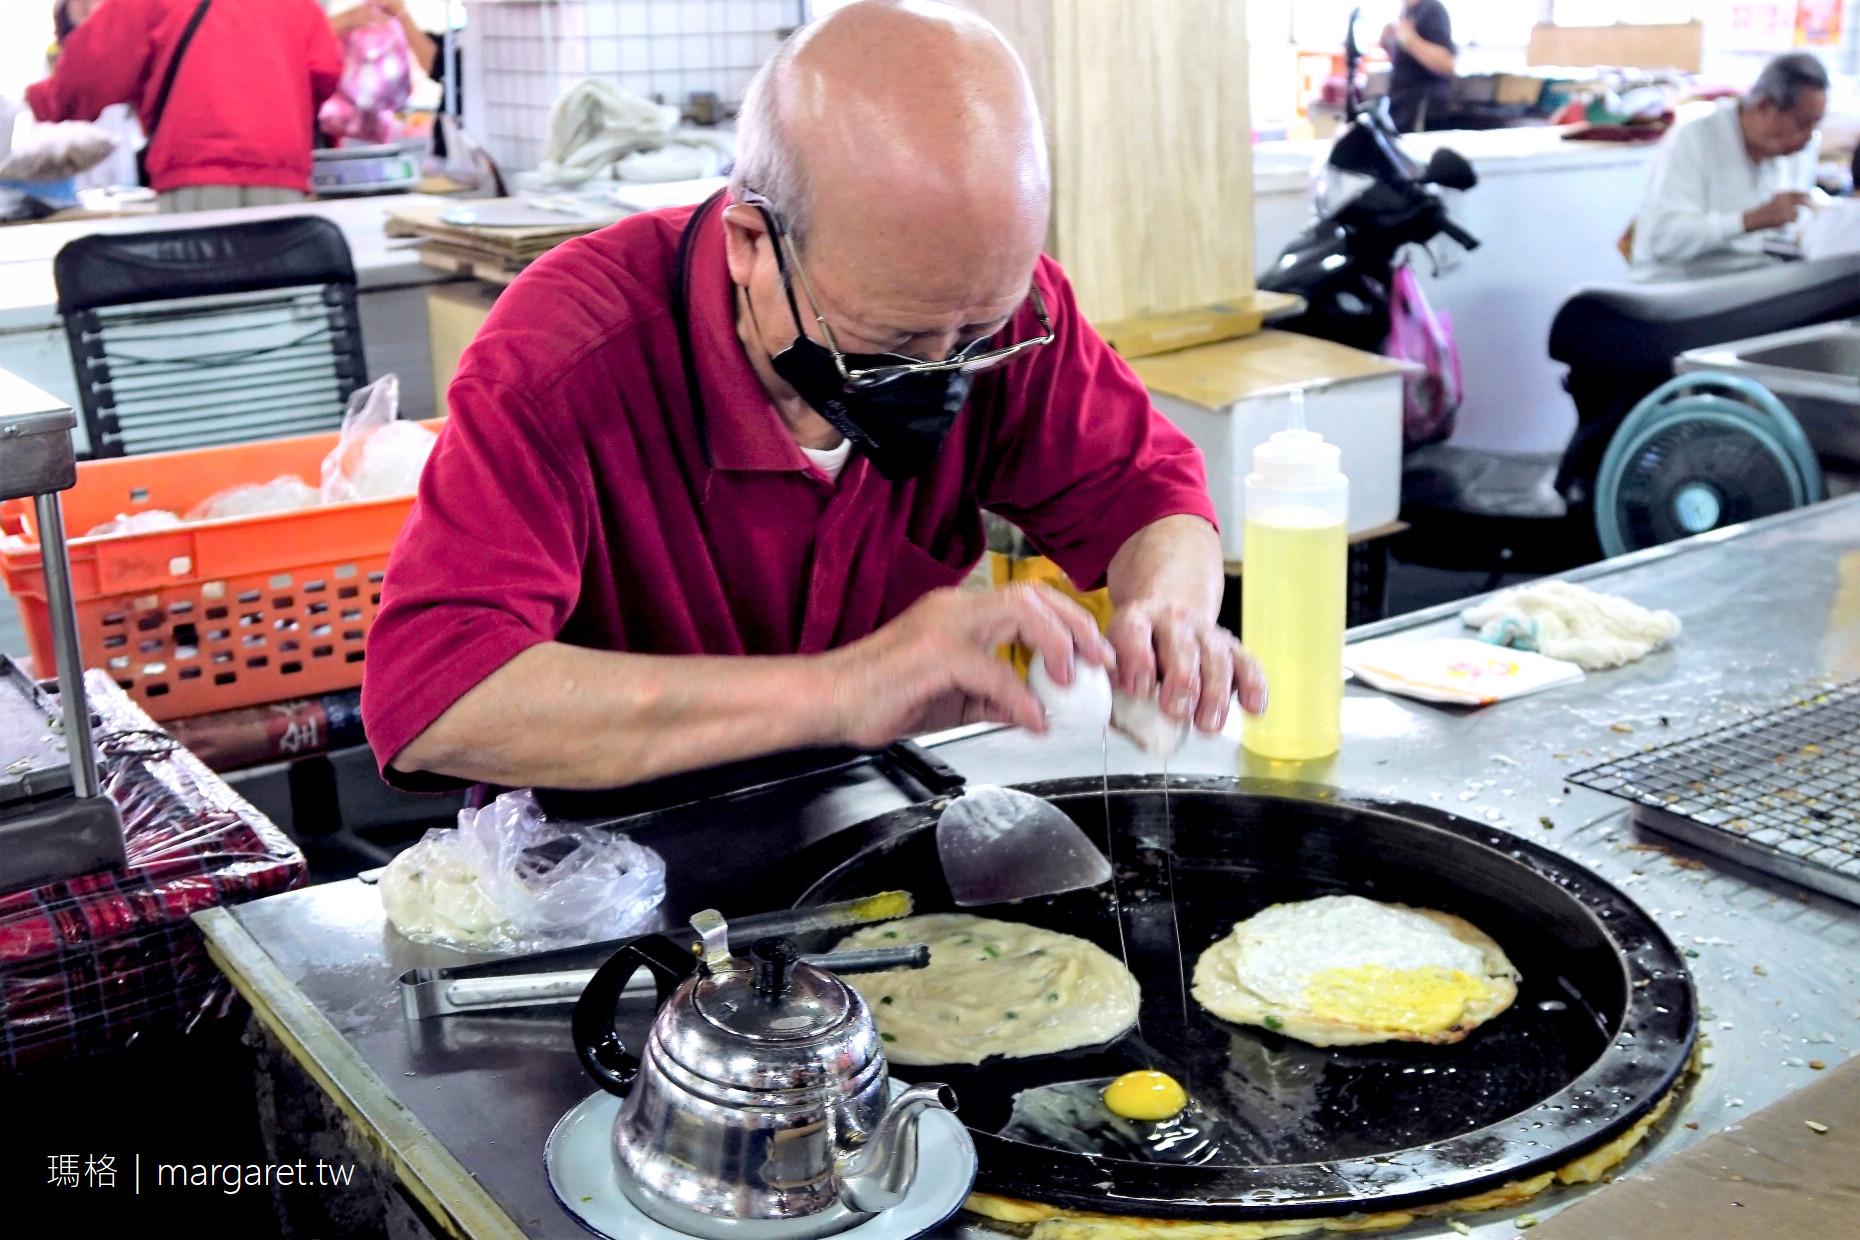 陳阿伯蔥油餅。壓餅機好吸睛|馬祖南竿介壽獅子市場人氣美食